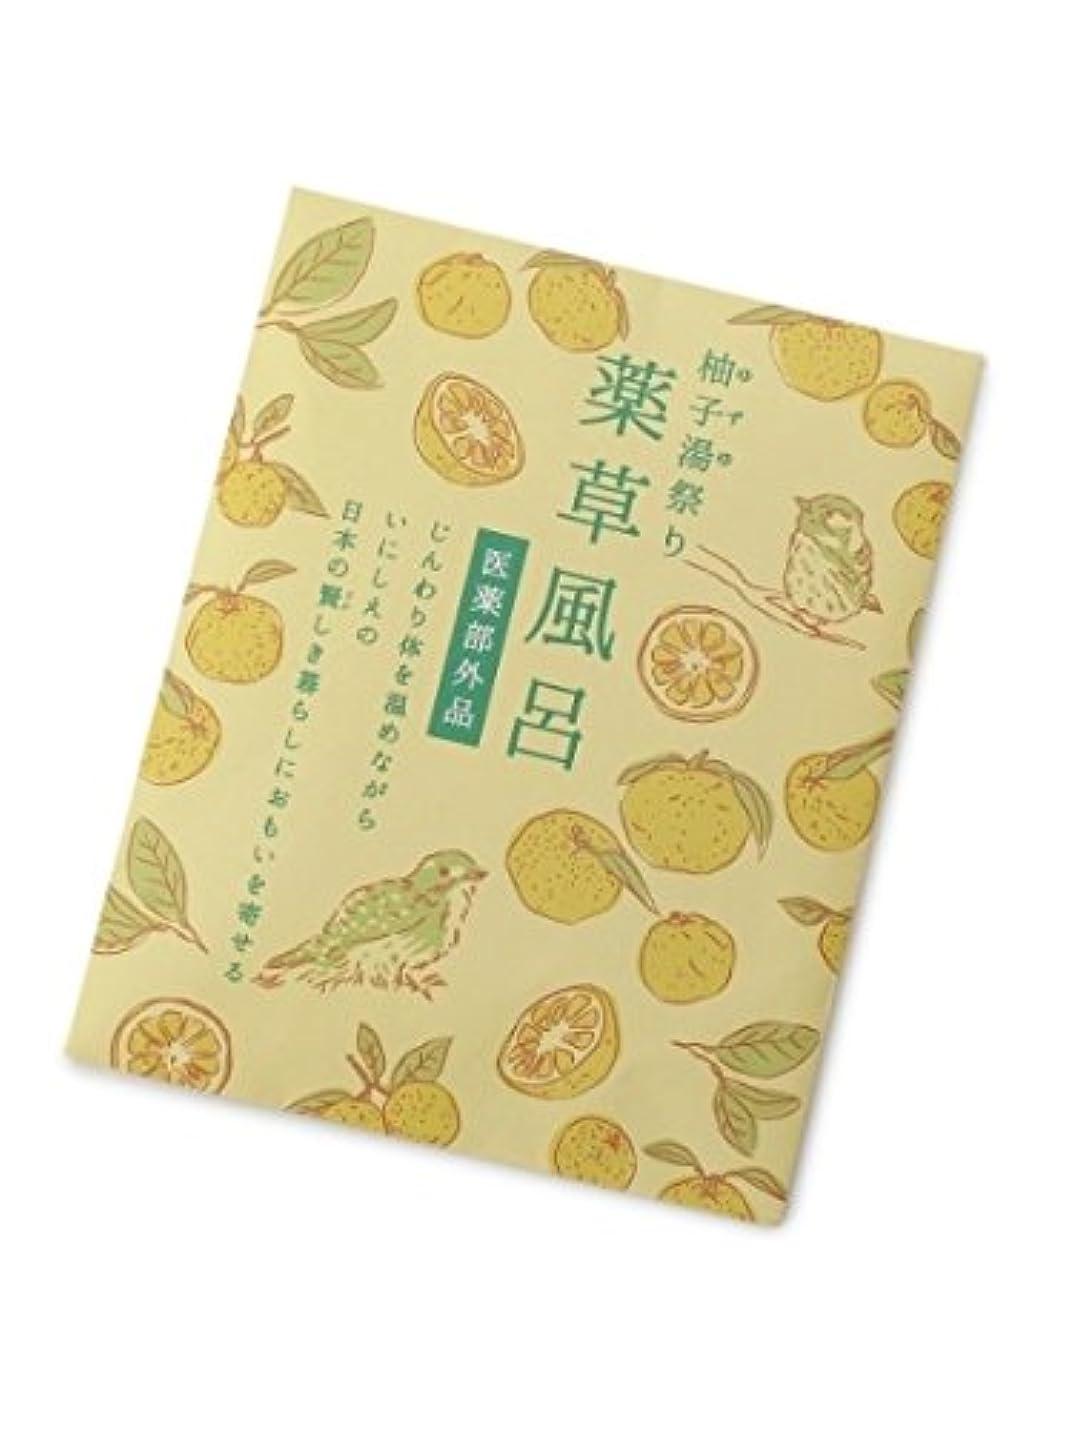 委託大陸またはチャーリー 柚子湯祭り 薬草風呂 20g